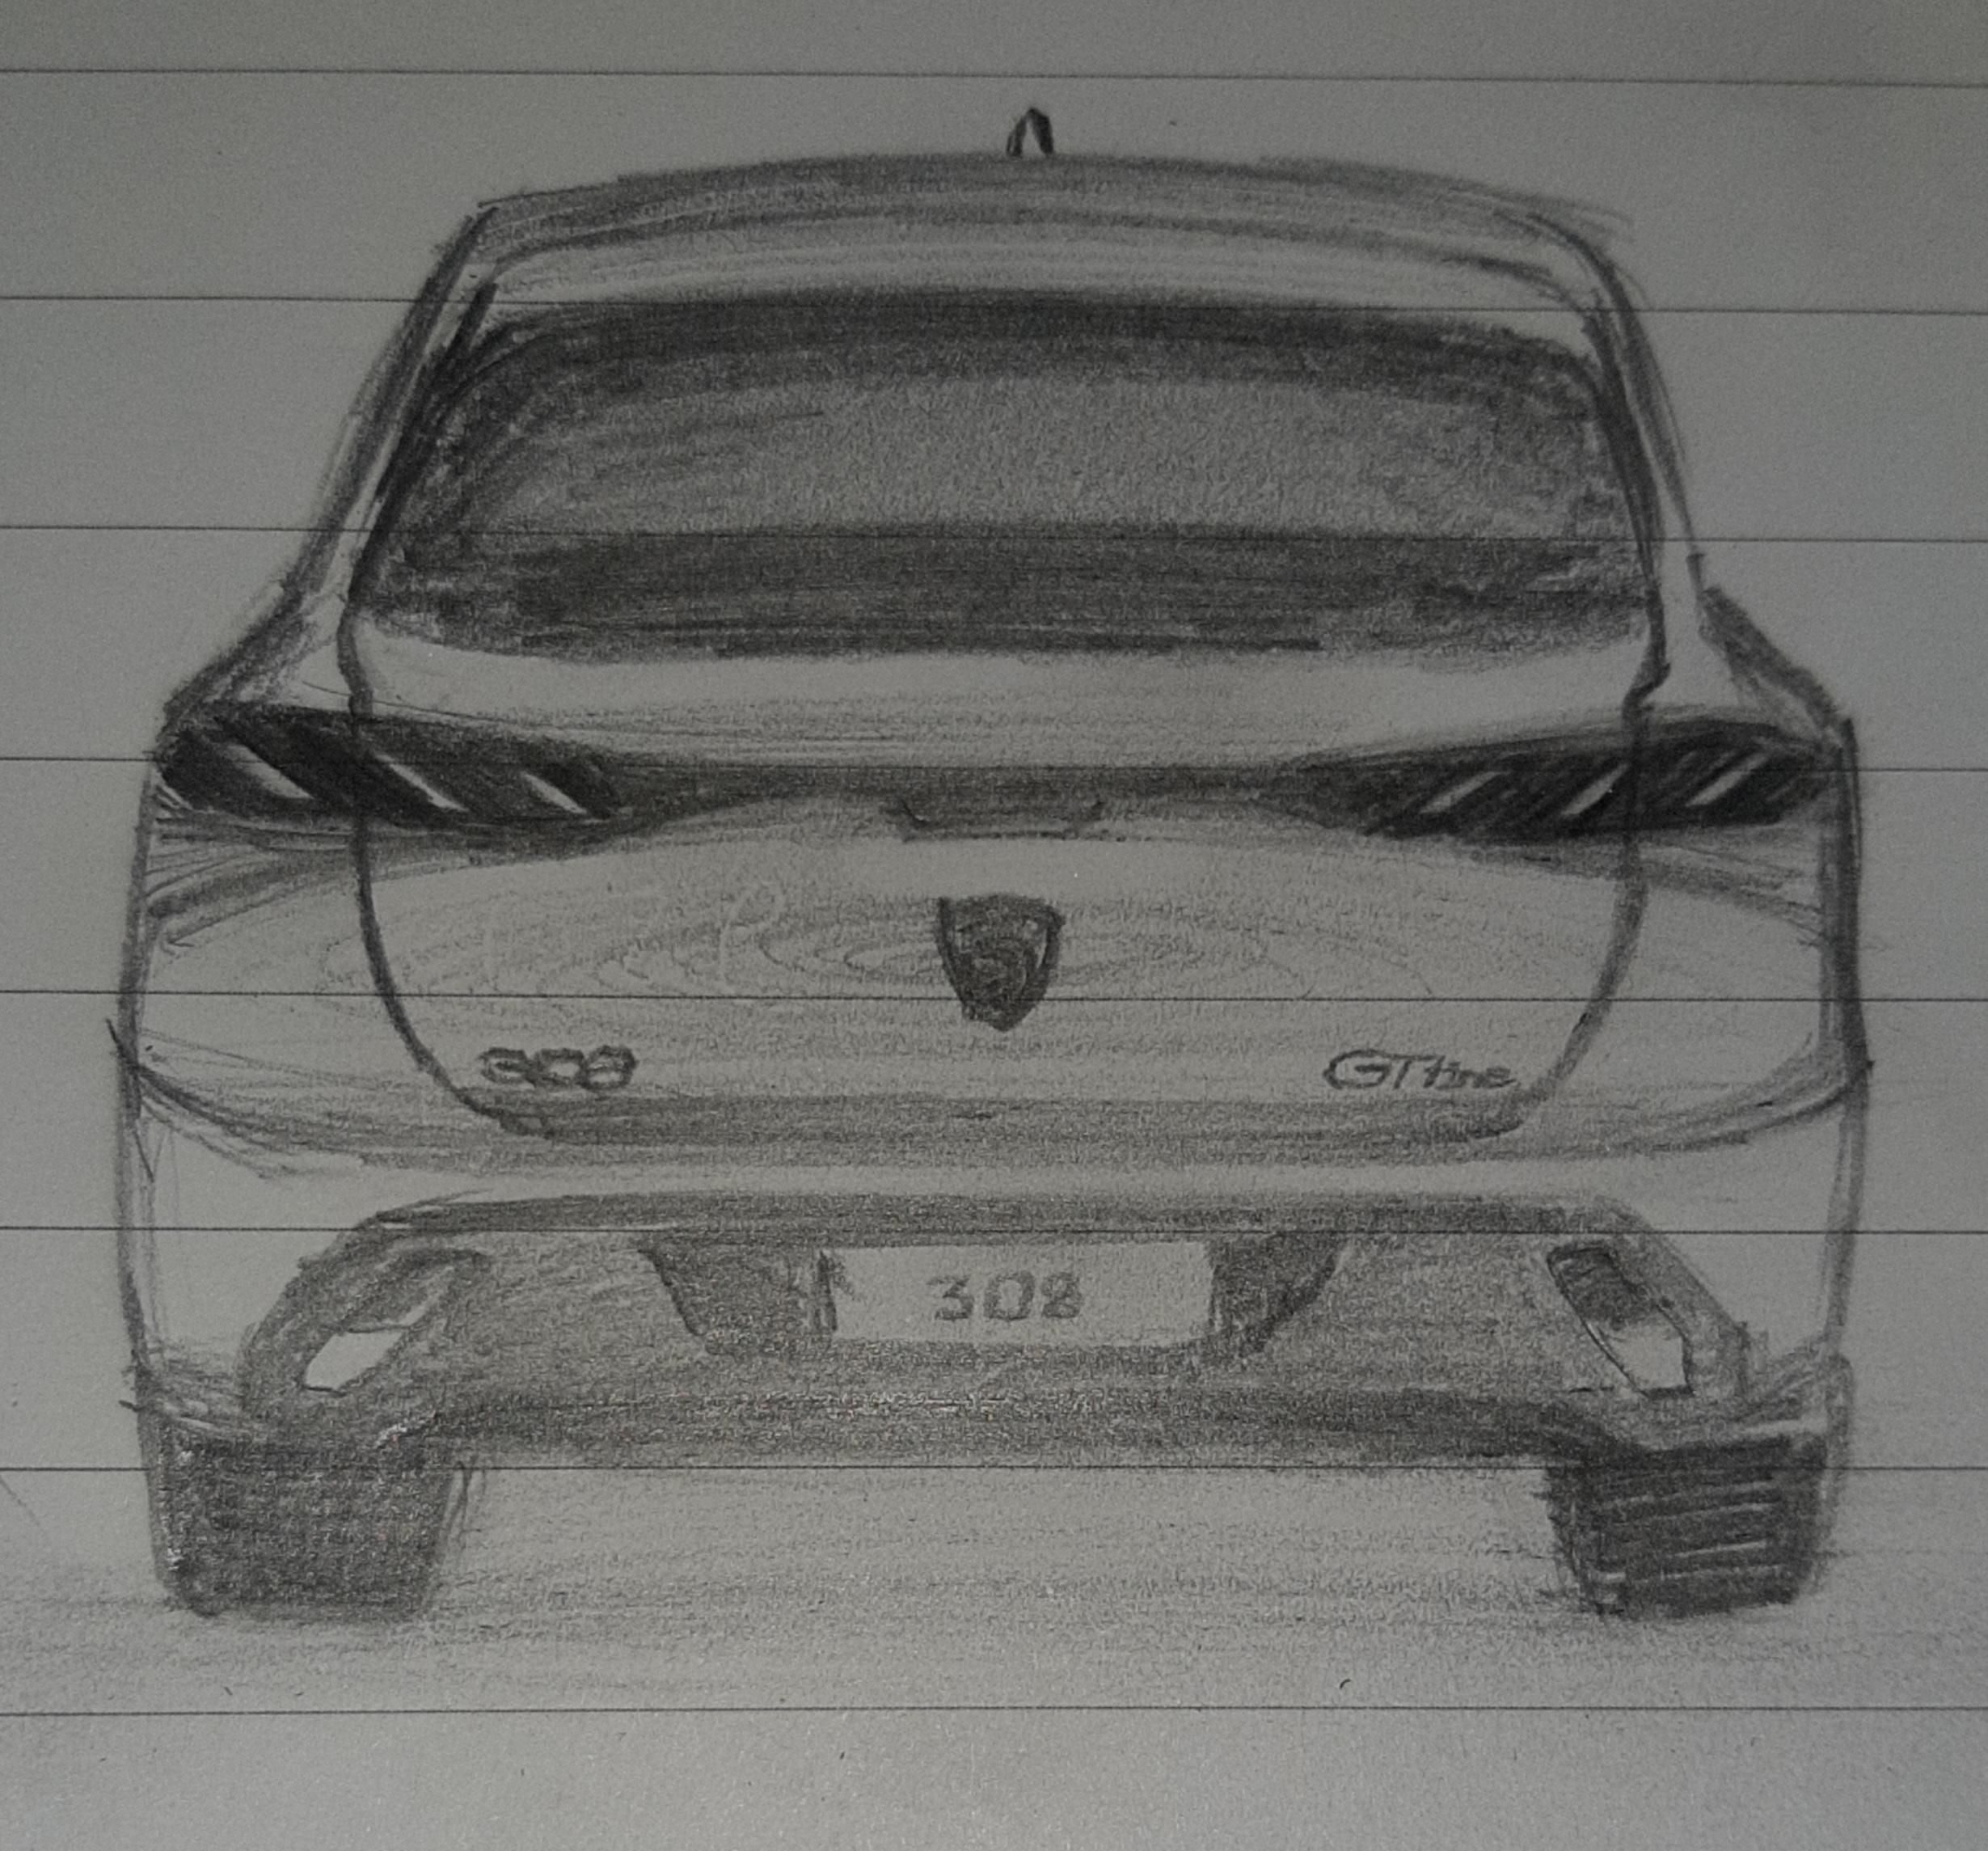 Mi boceto del Peugeot 308, es tan preciso como lo veo de acuerdo con cada foto espía en la parte trasera.